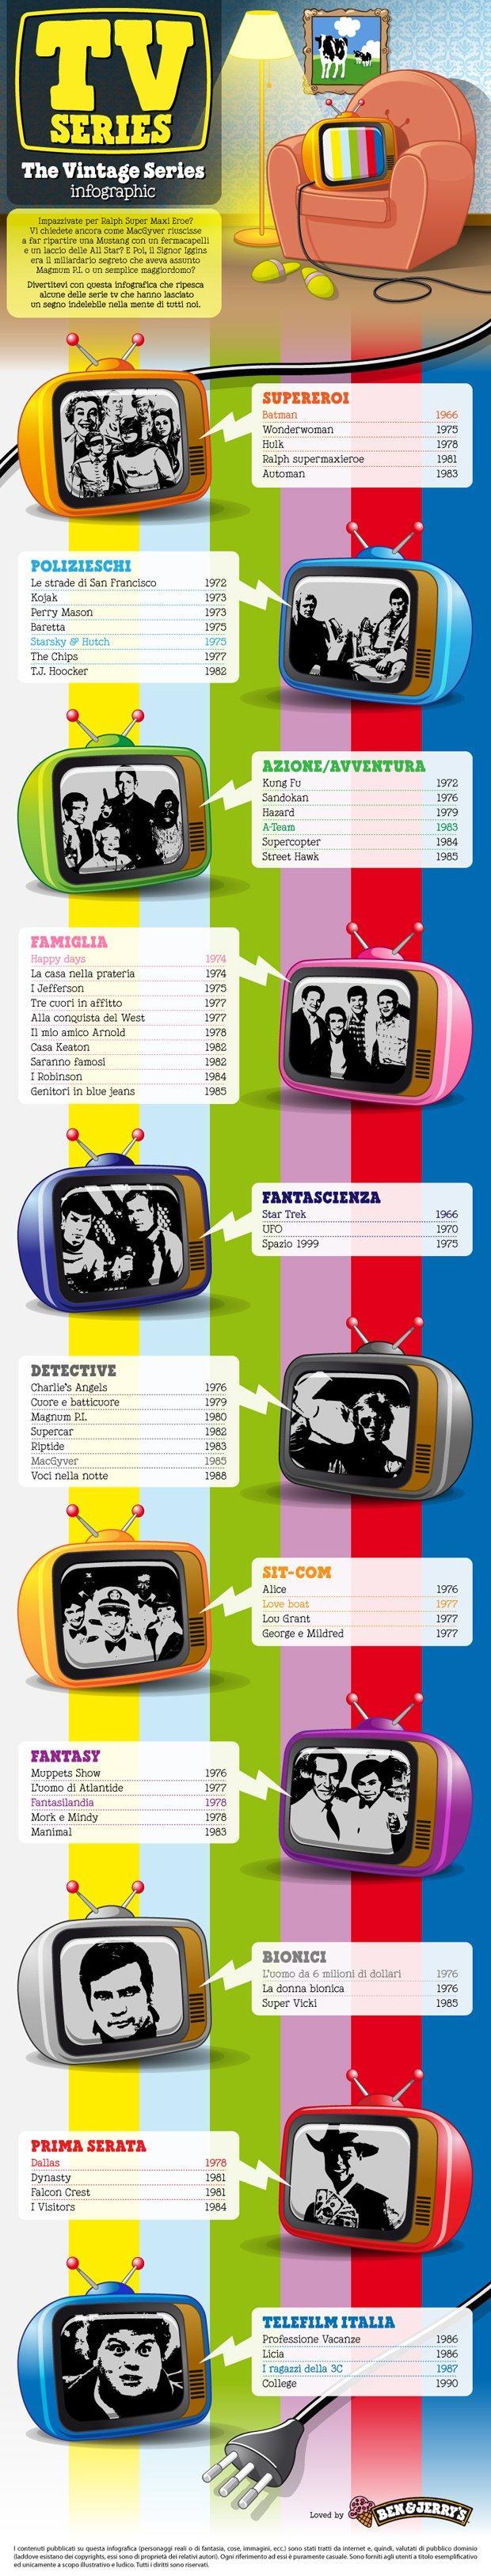 Storia ed evoluzione delle Serie TV [HISTORY]